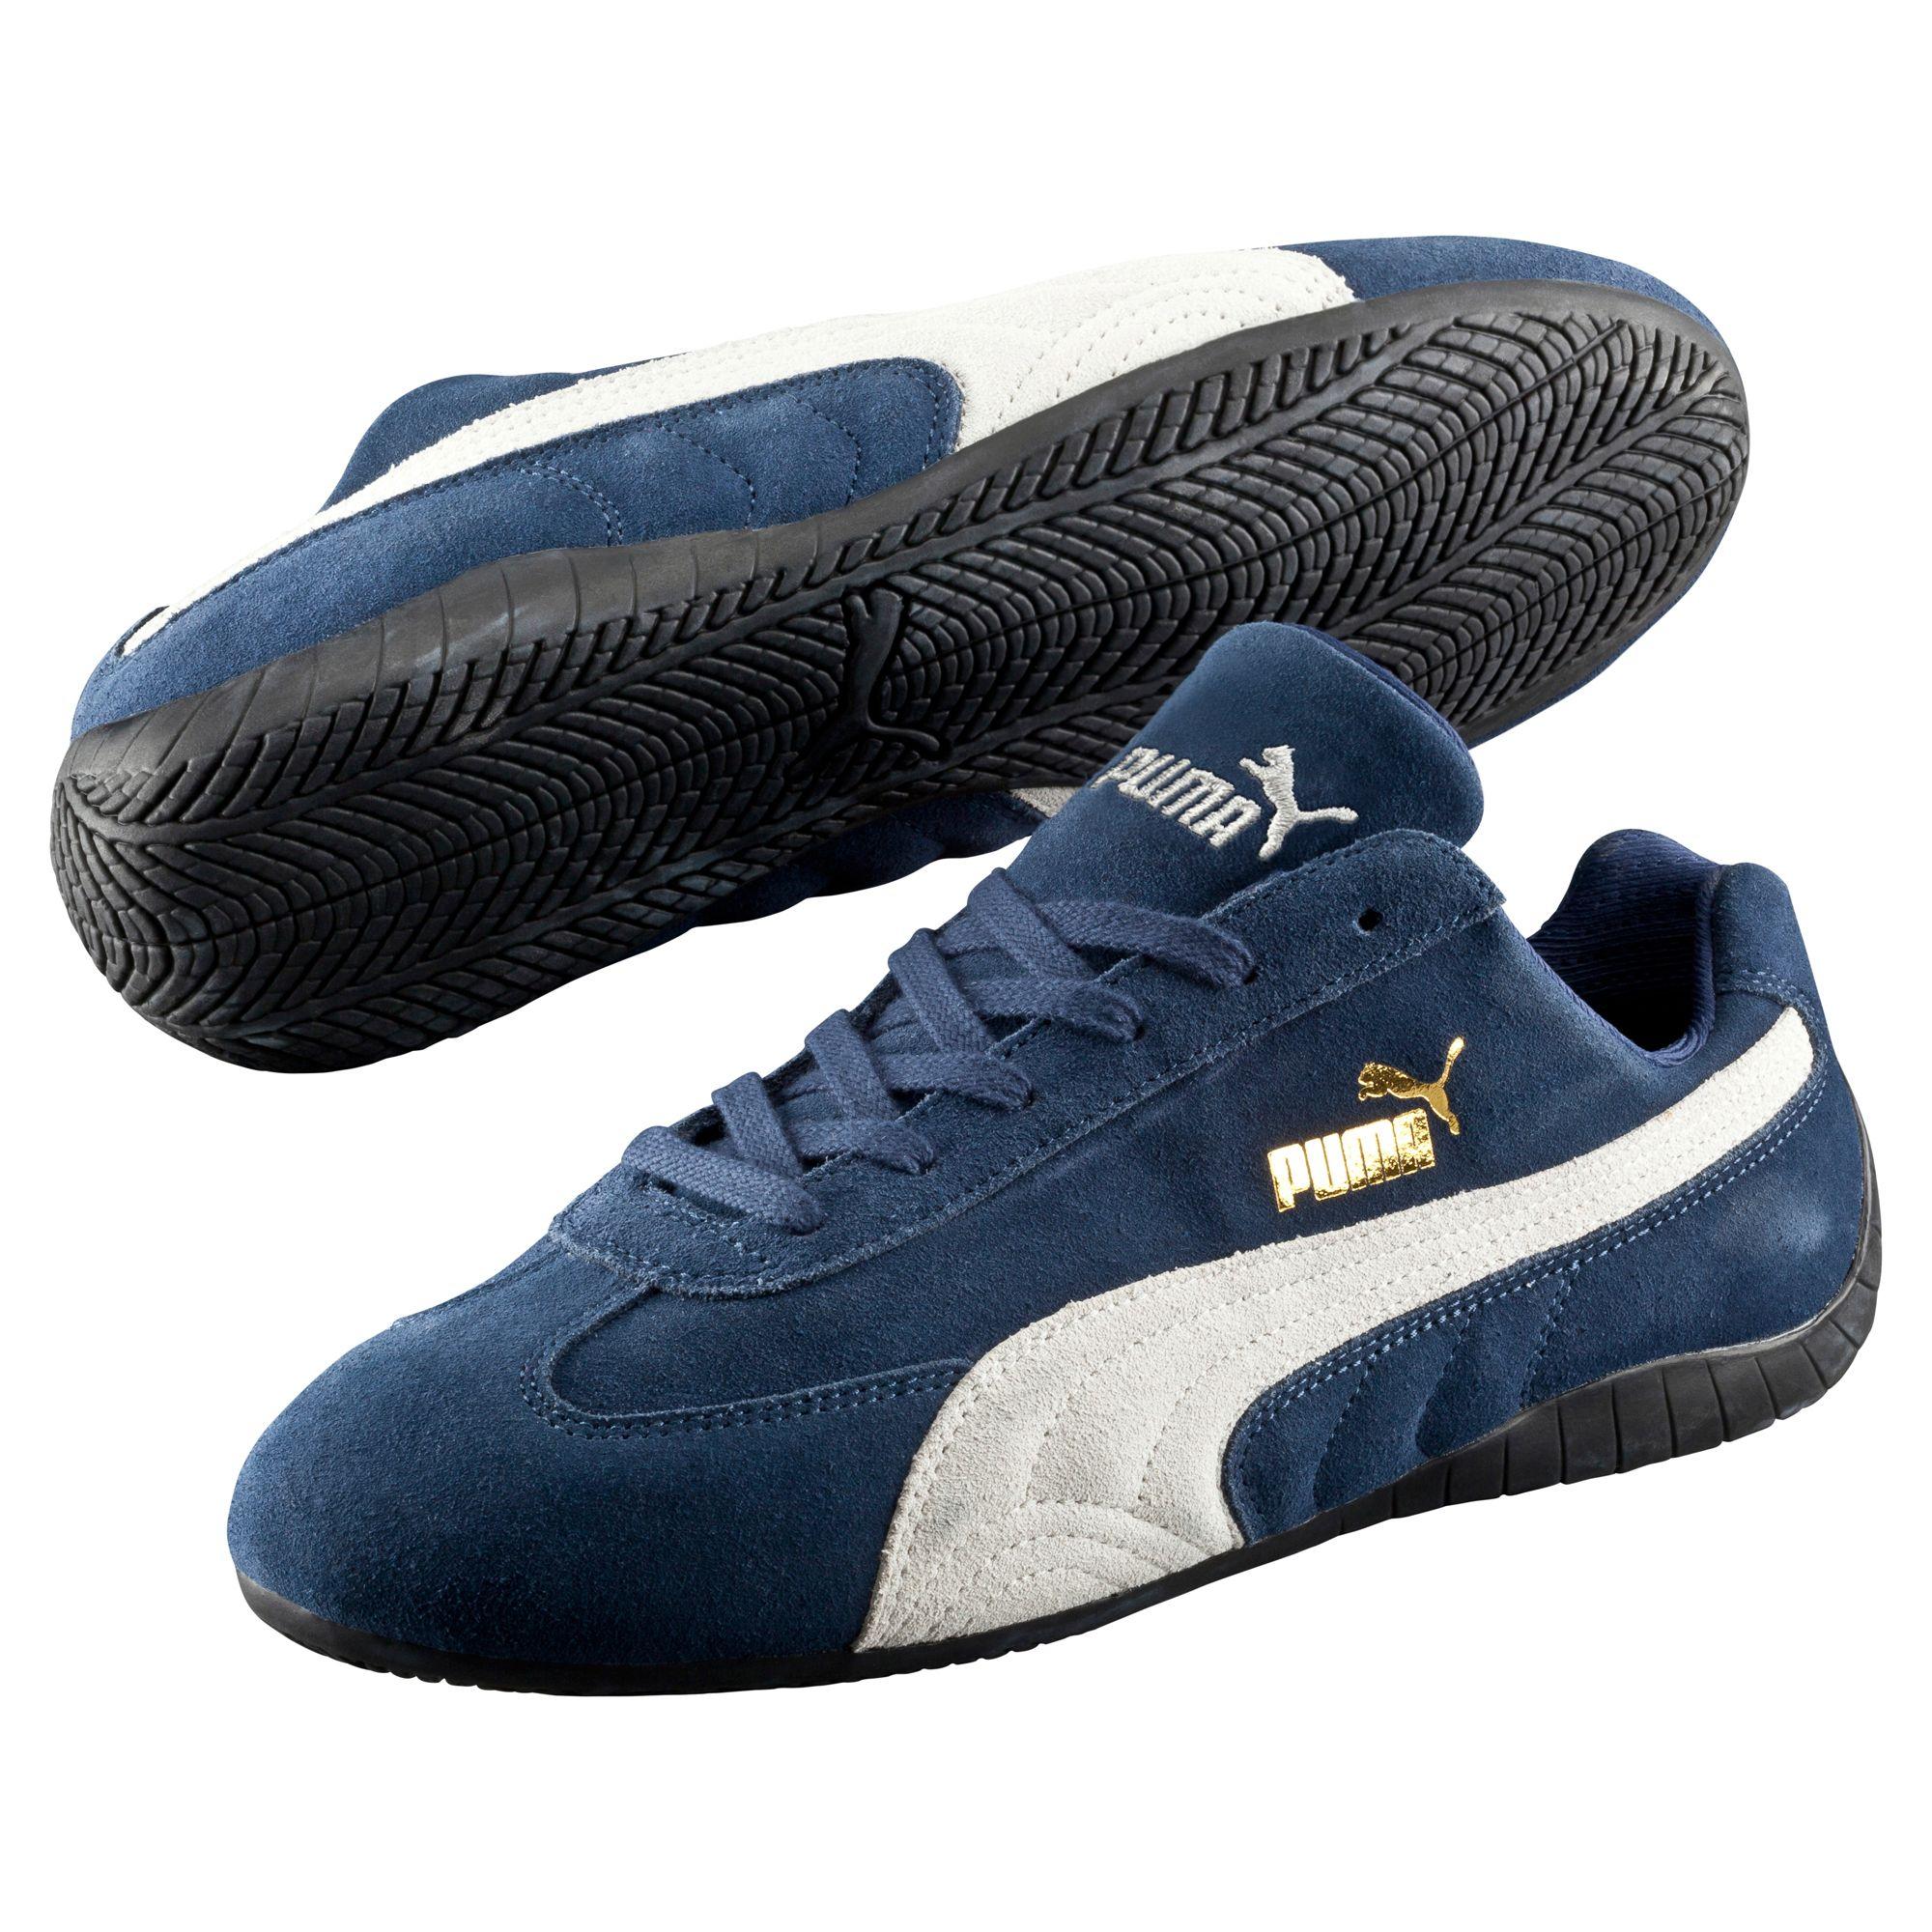 puma speed cat puma-speed-cat-shoes UIQCWEN